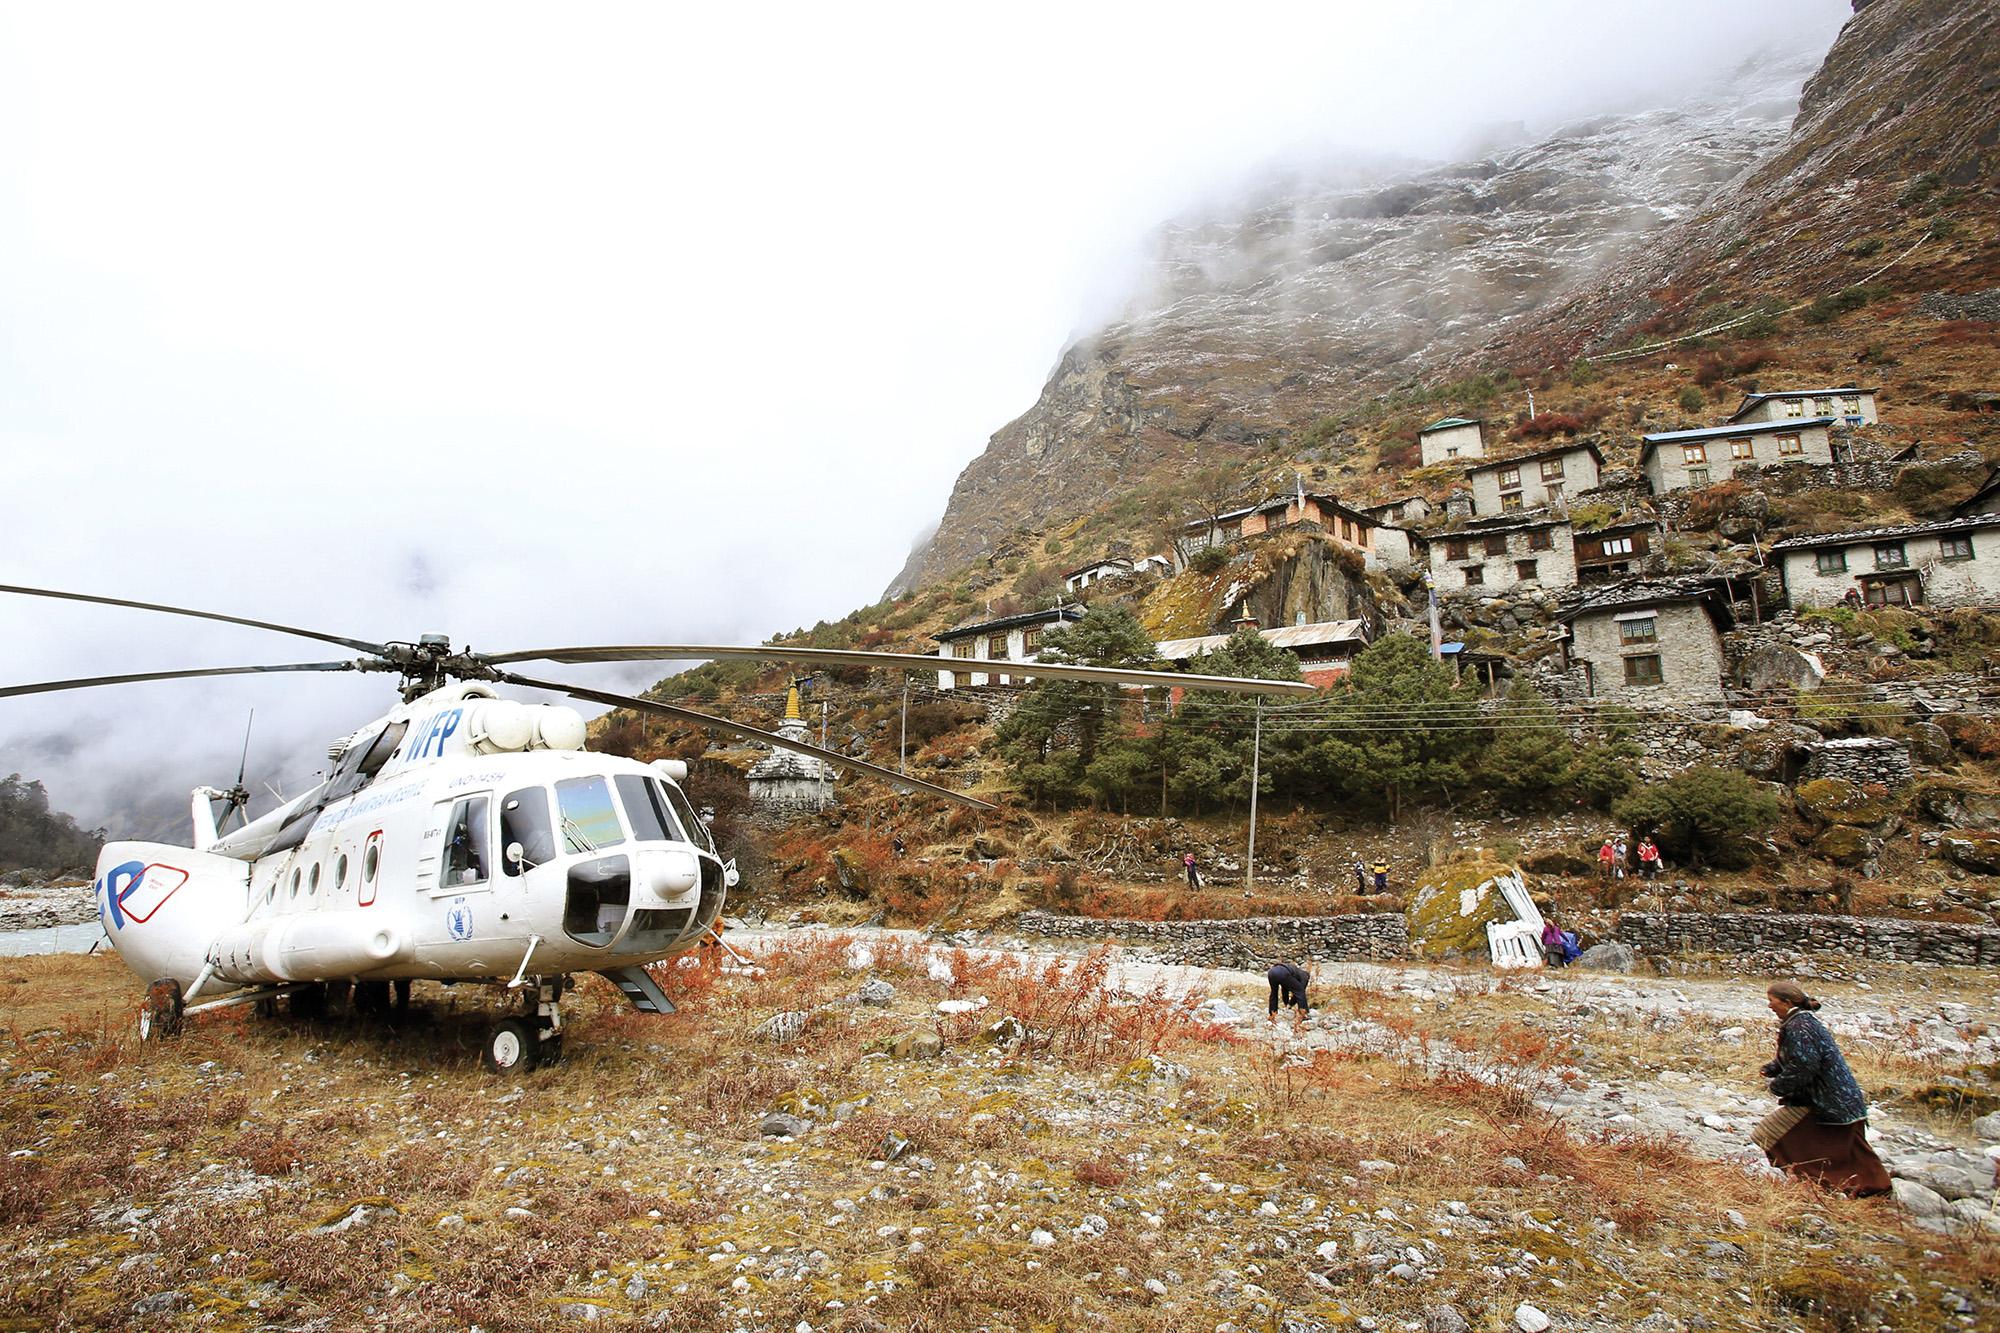 Reportage | Losan Piatti - Fotografo Italia_Nepal 2015_Villaggio Sherpa